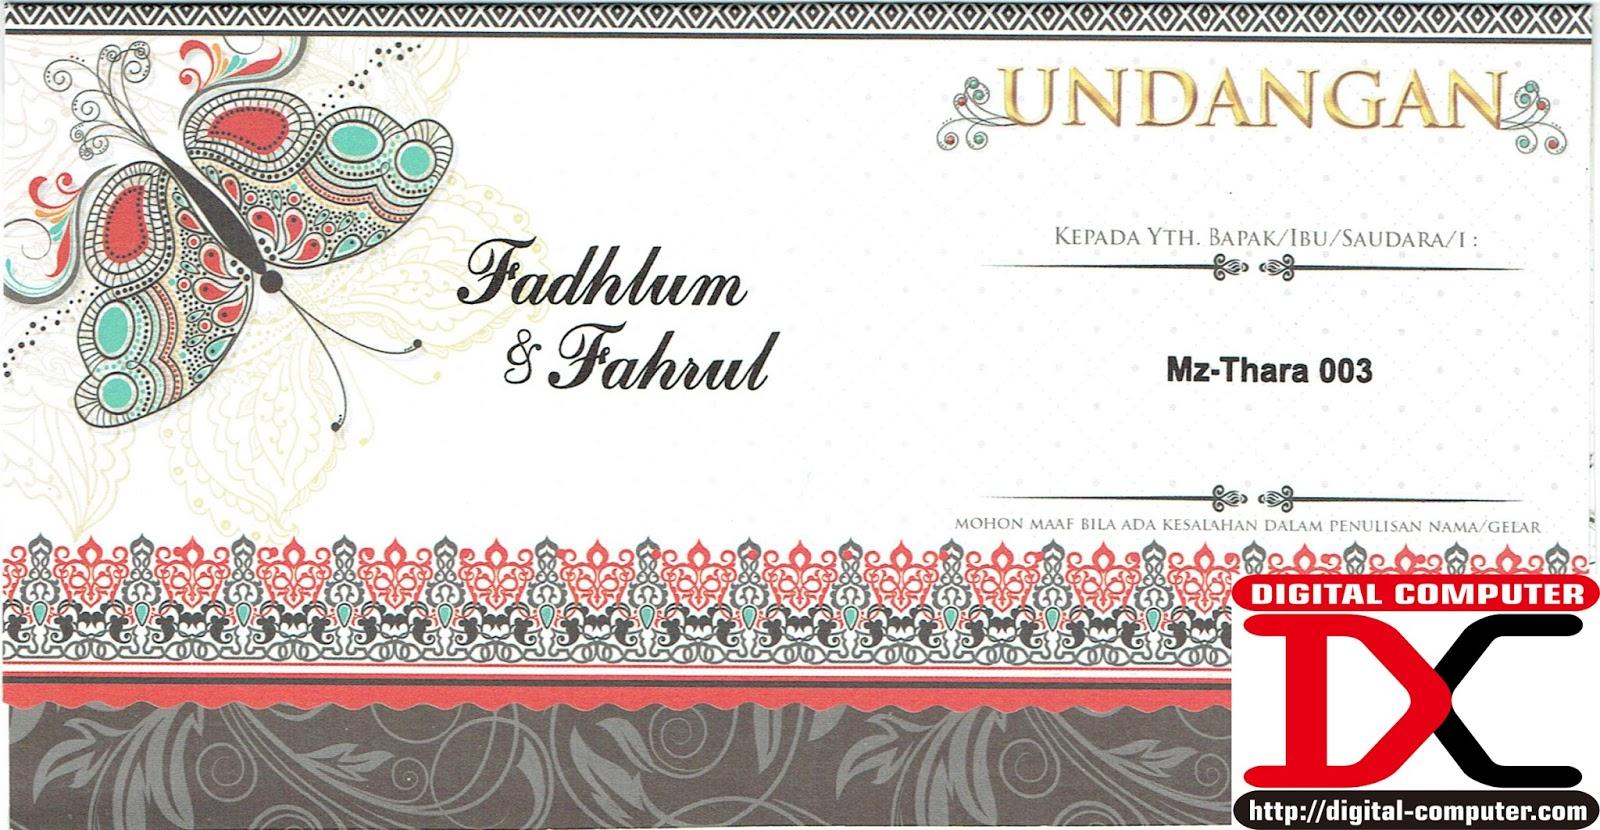 undangan pernikahan softcover, undangan pernikahan harga 1000an rupiah